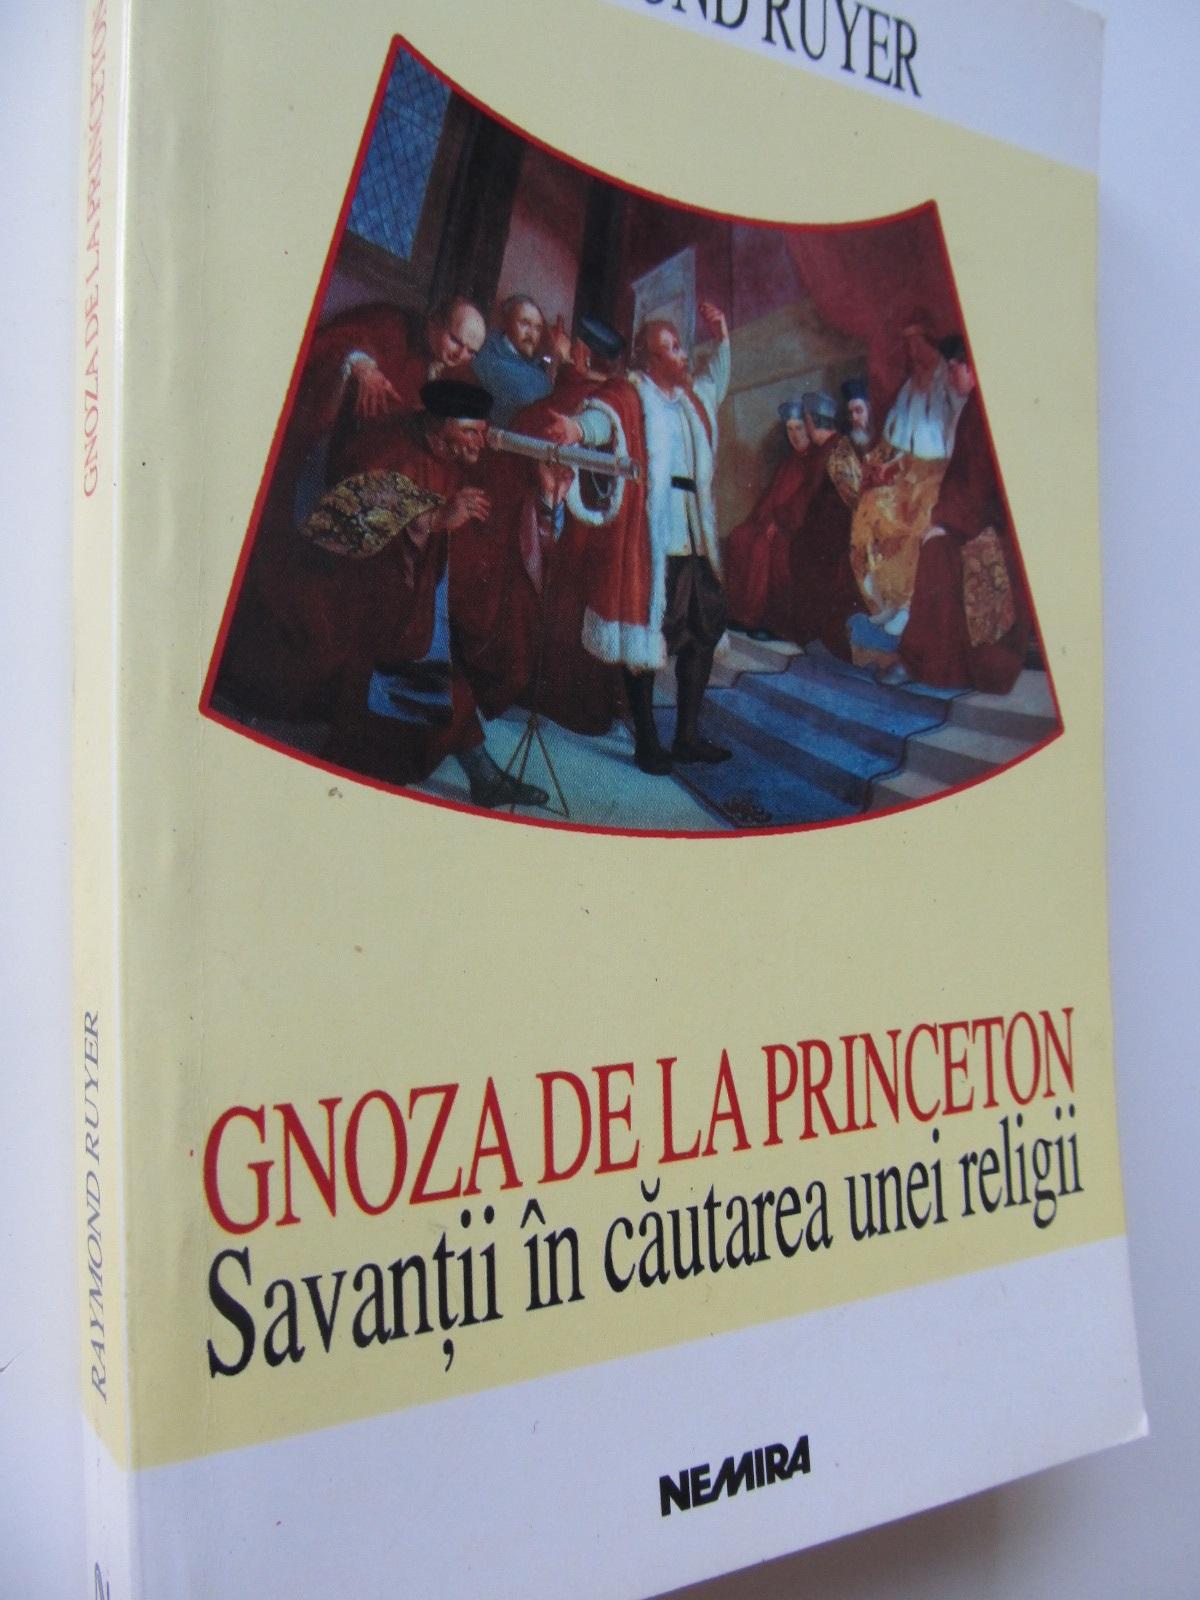 Gnoza de la Princeton Savantii in cautarea unei religii - Raymond Ruyer | Detalii carte